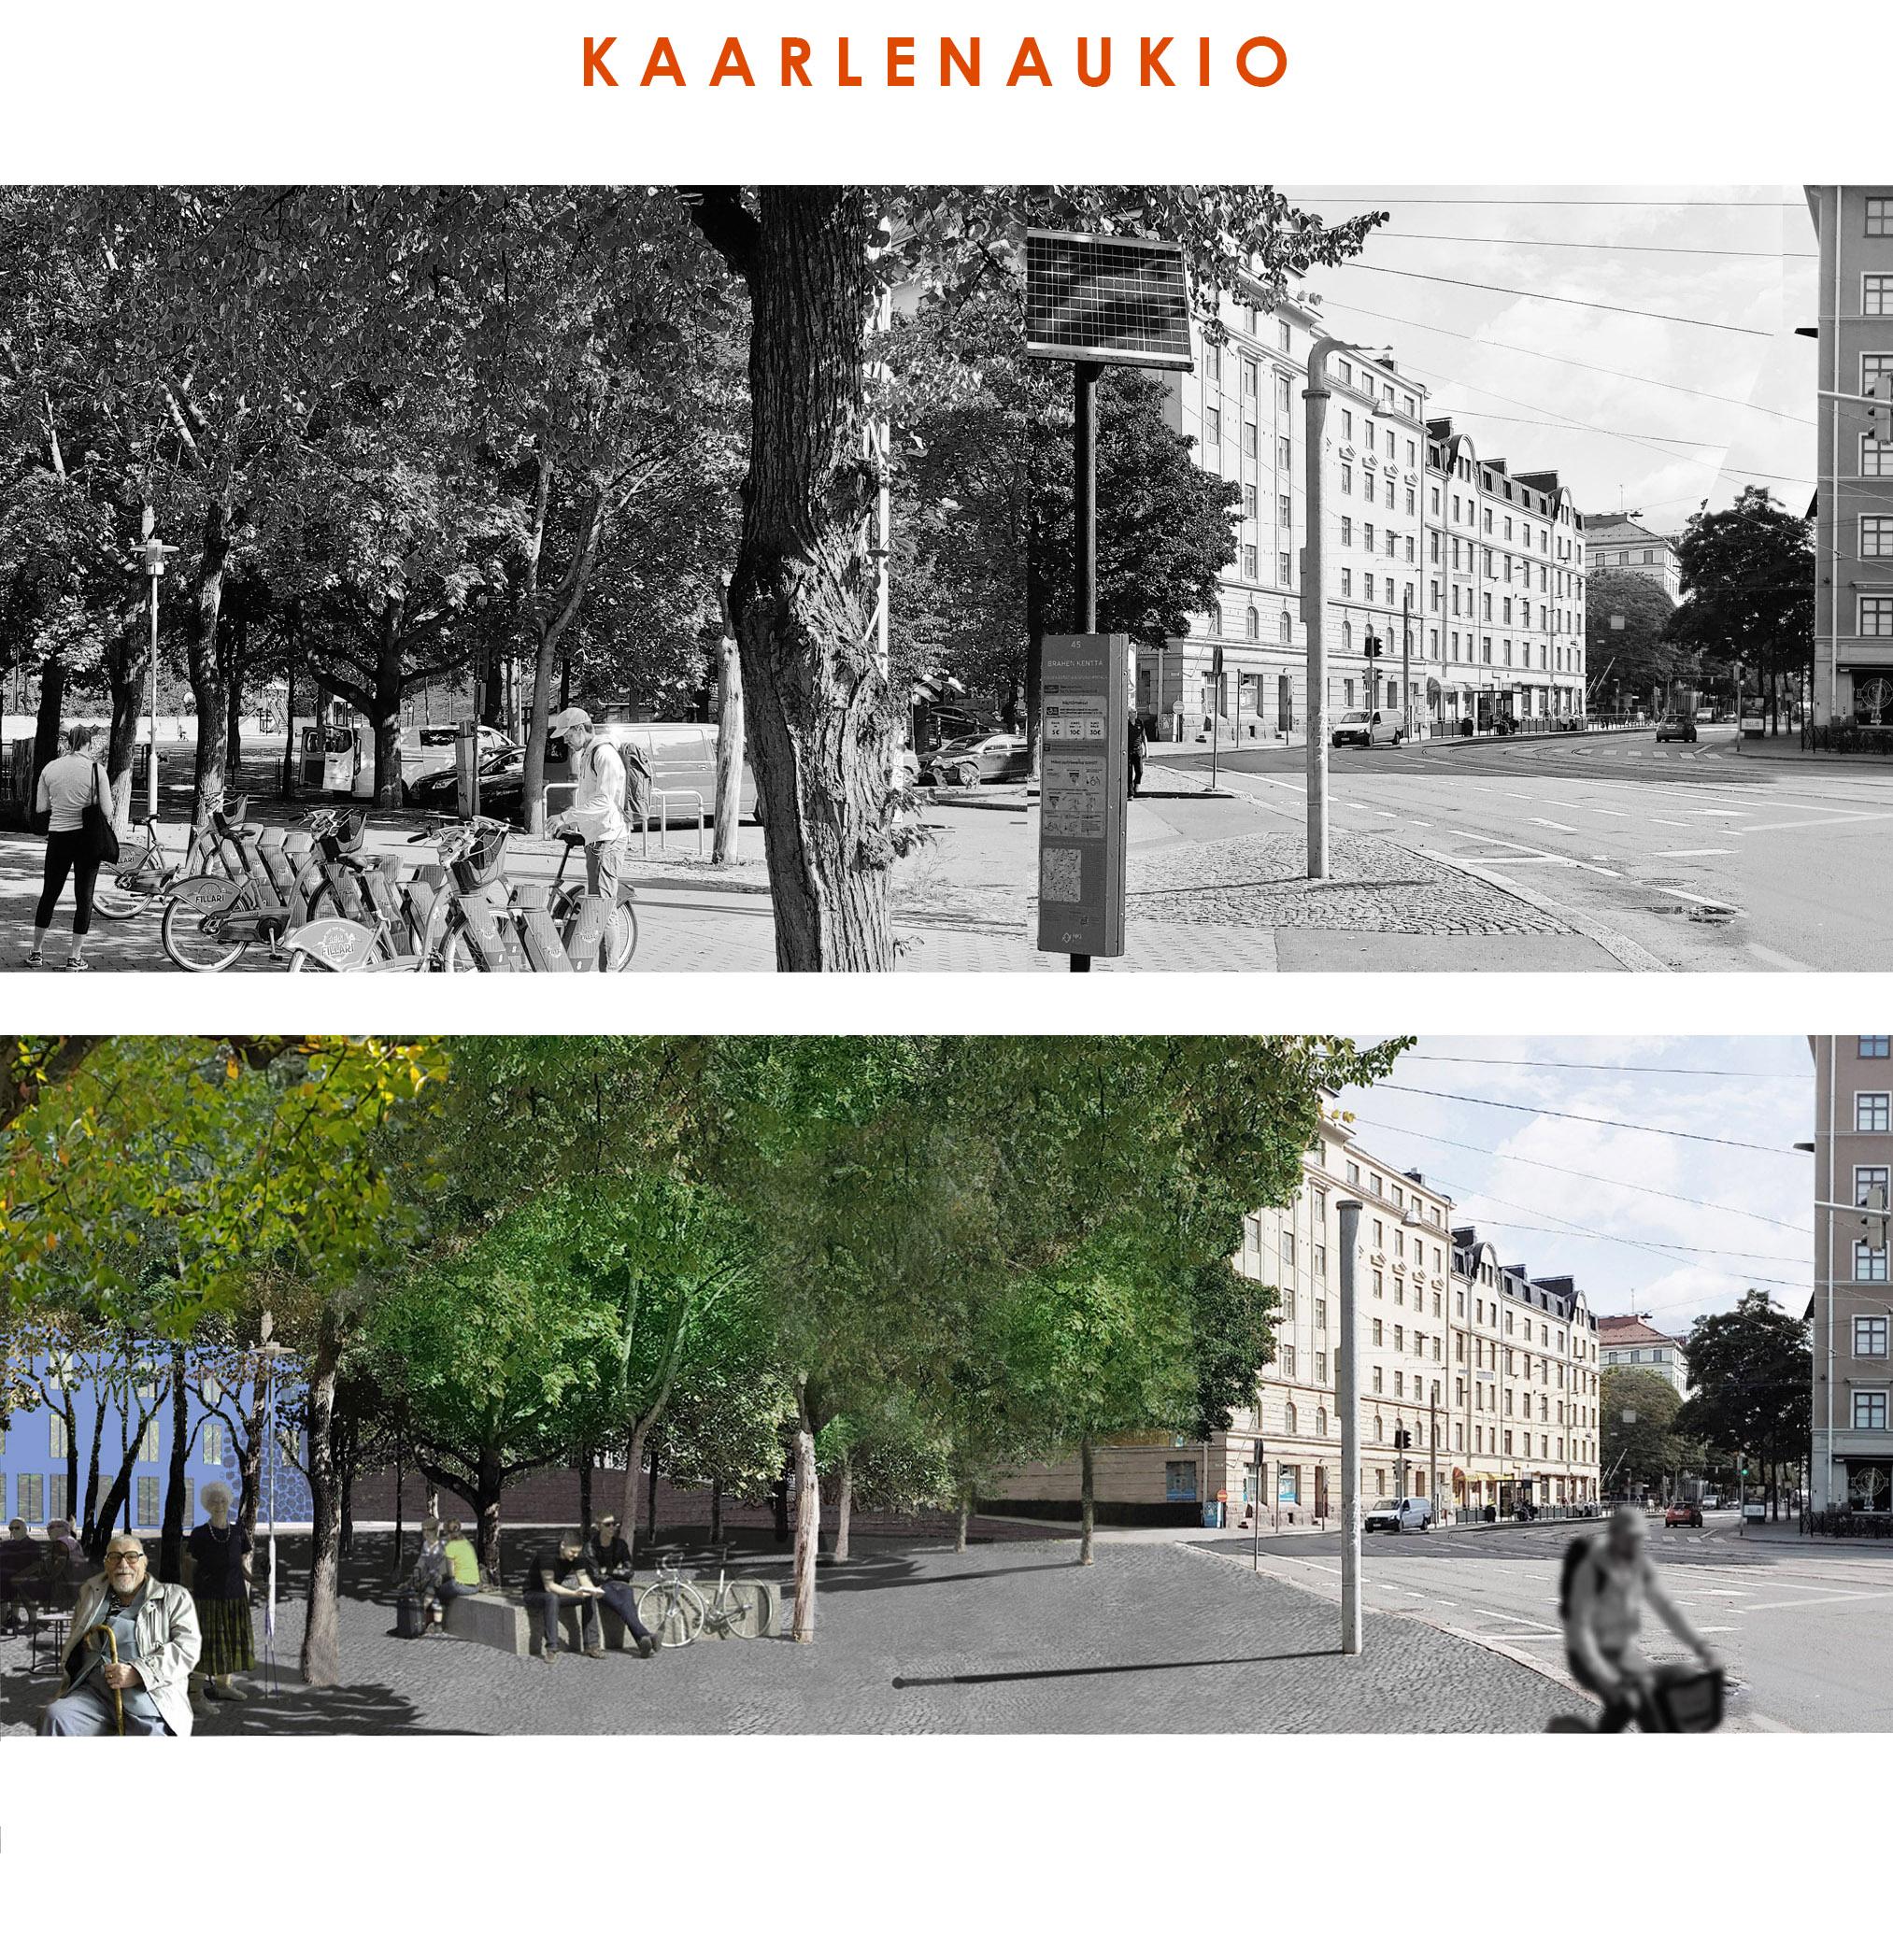 Helsingin Kaarlenaukio pitäisi muuttaa oleskelualueeksi